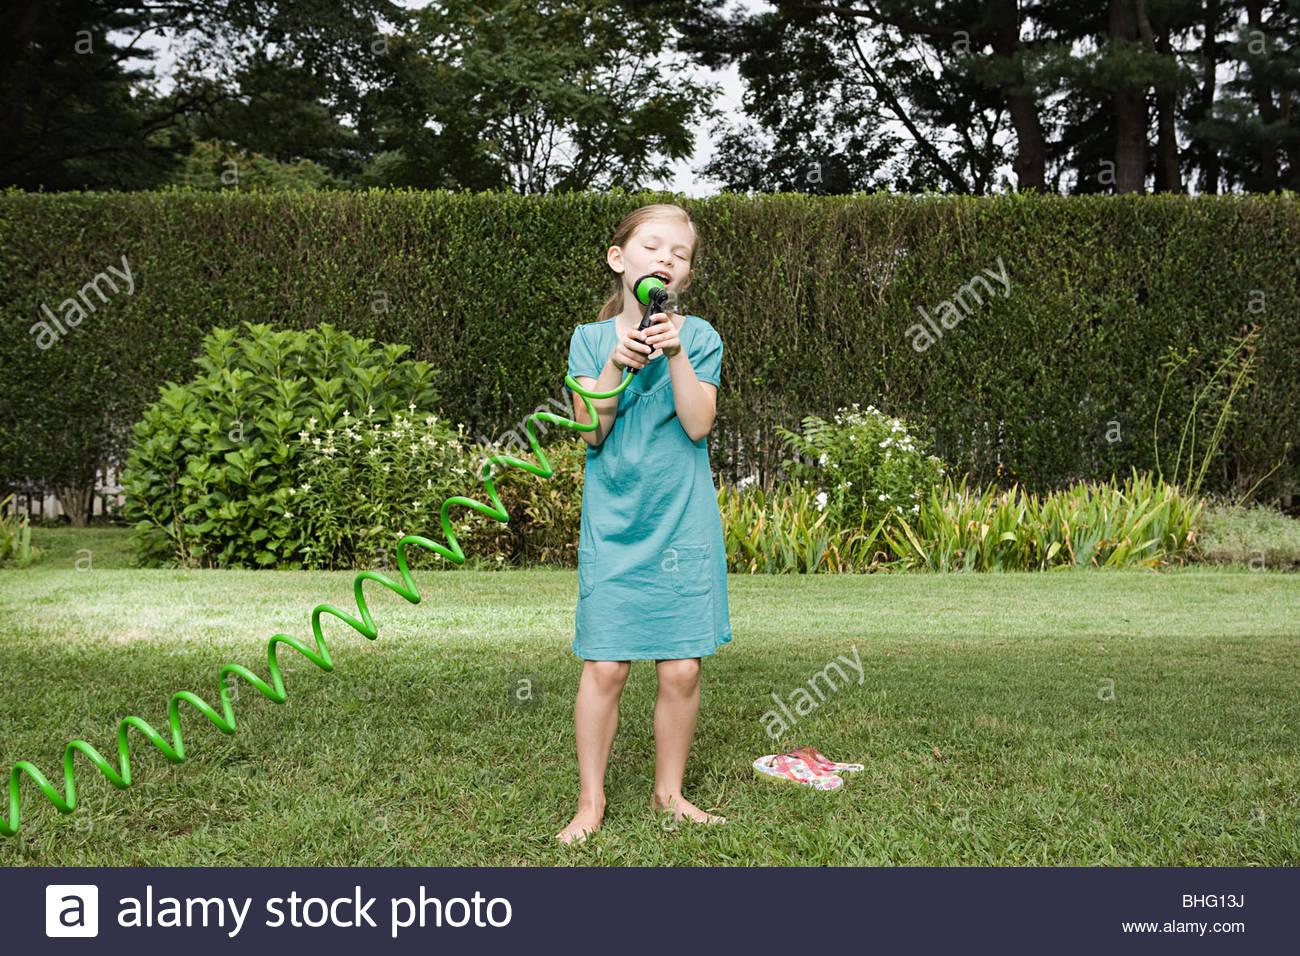 Girl singing into a garden hose - Stock Image